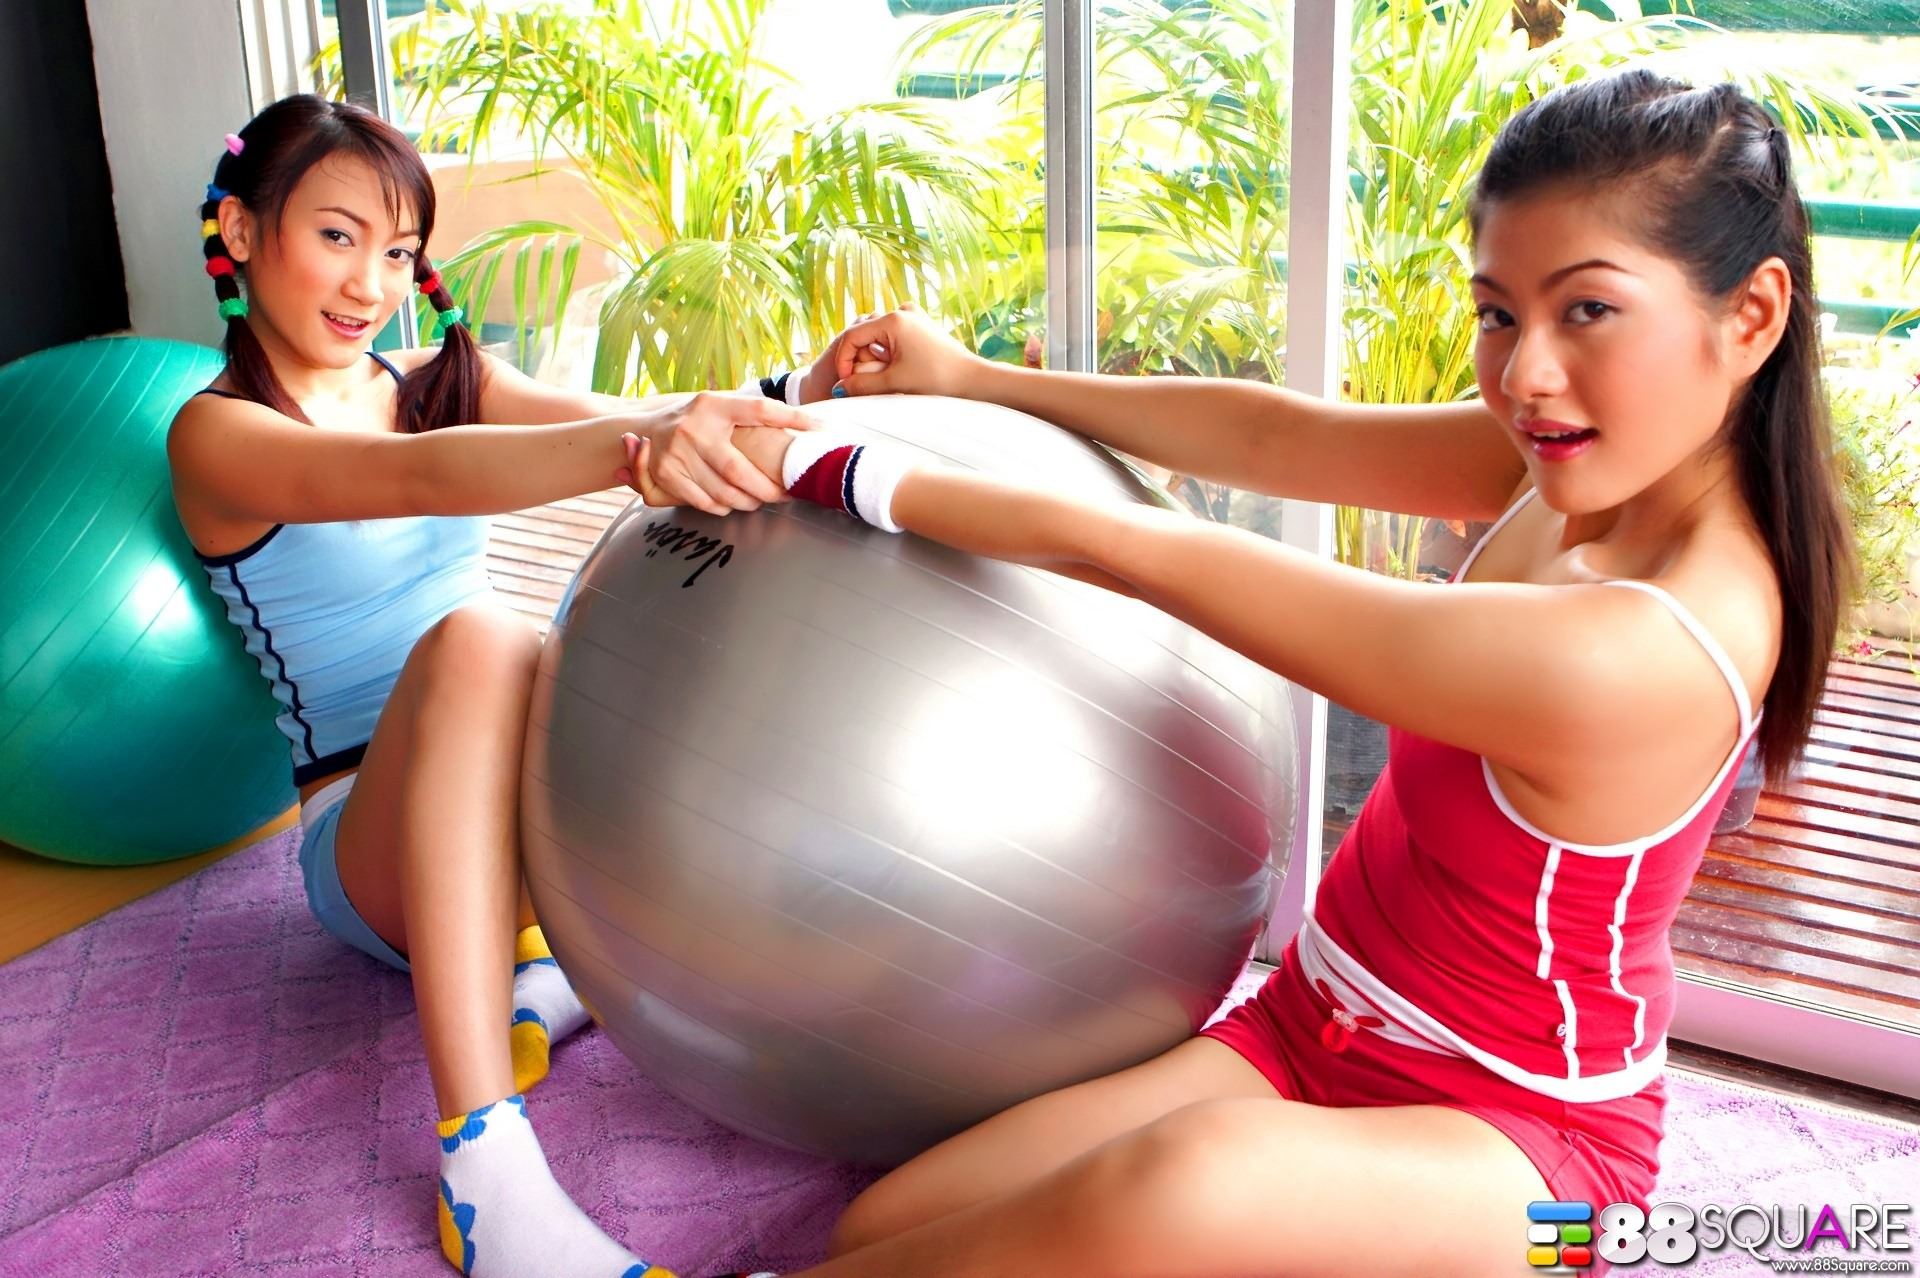 Две азиатки лесбиянки с в зале с большими мячами трогают волосатые вагины друг друга и ласкают розовые щели пальцами